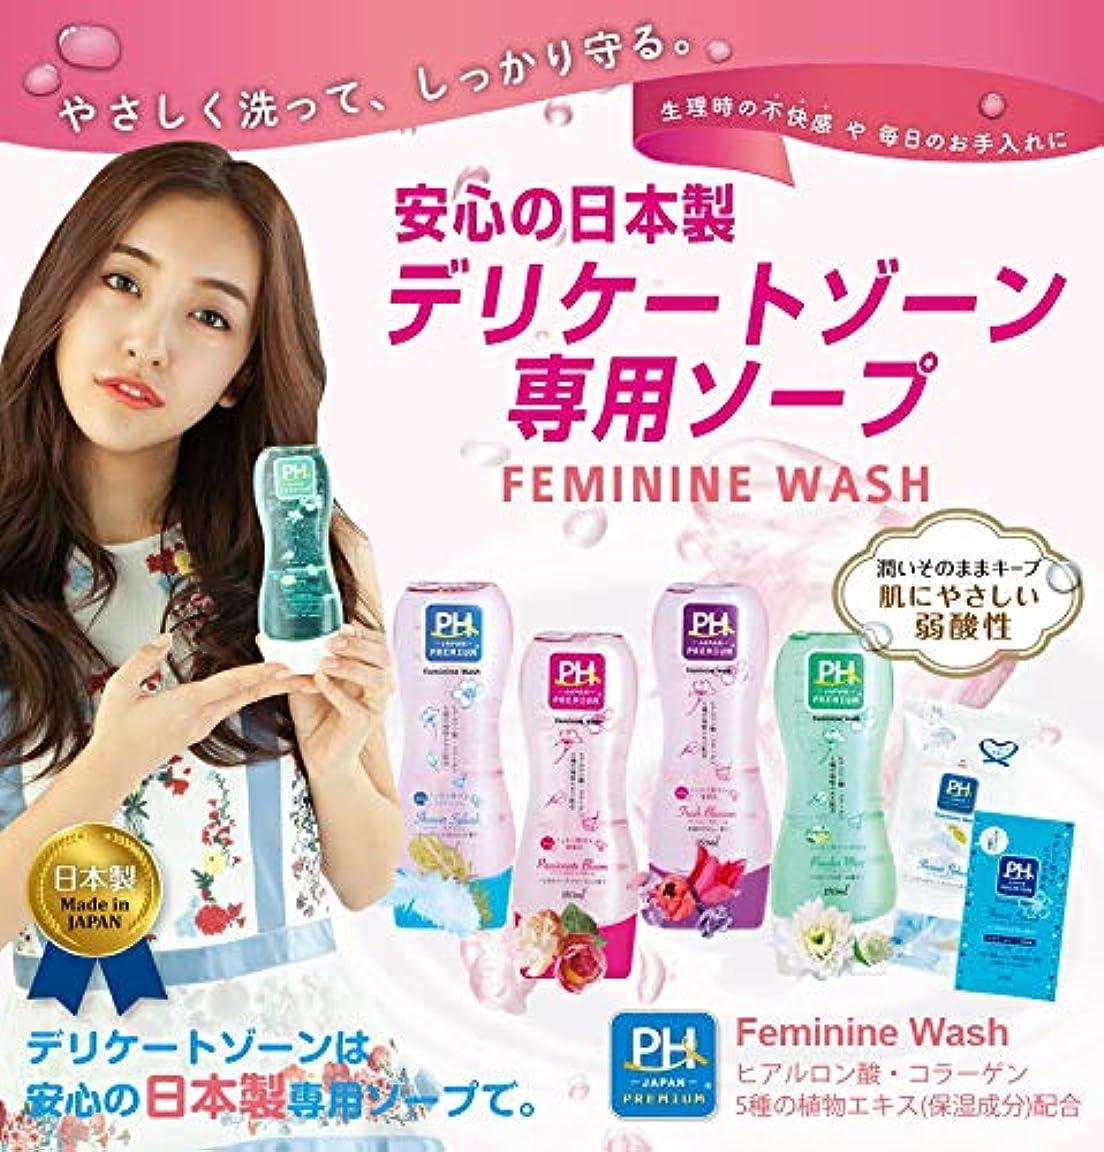 ローブうねる瞳パウダーミント3本セット PH JAPAN フェミニンウォッシュ ベビーパウダーの香り